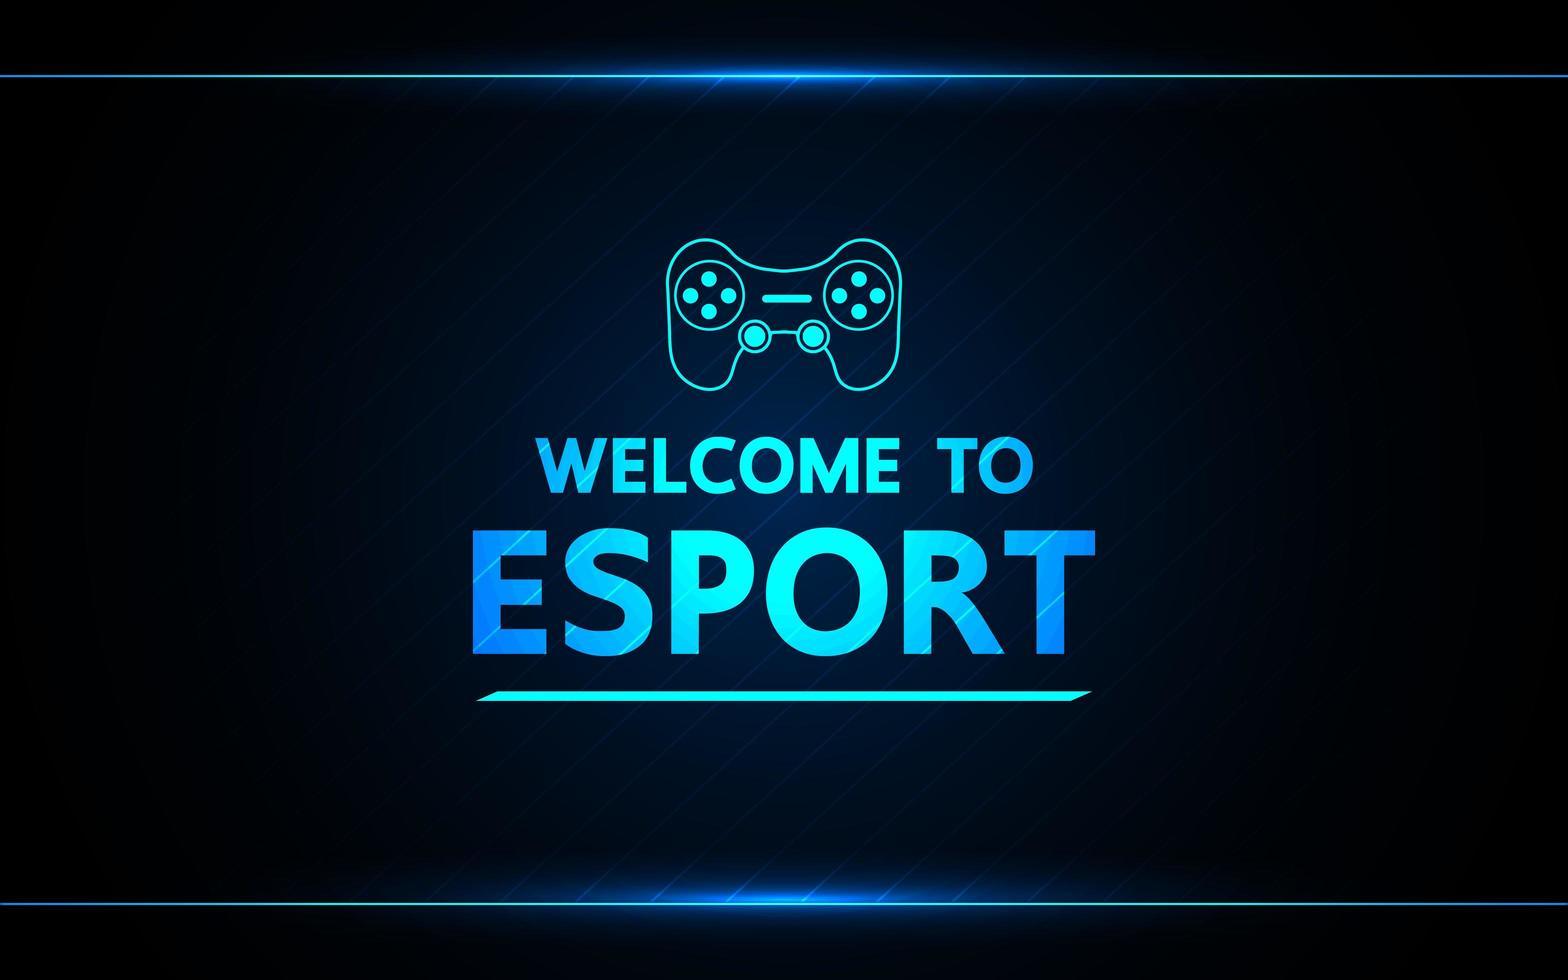 bem-vindo ao design de jogos de tecnologia e-sport vetor